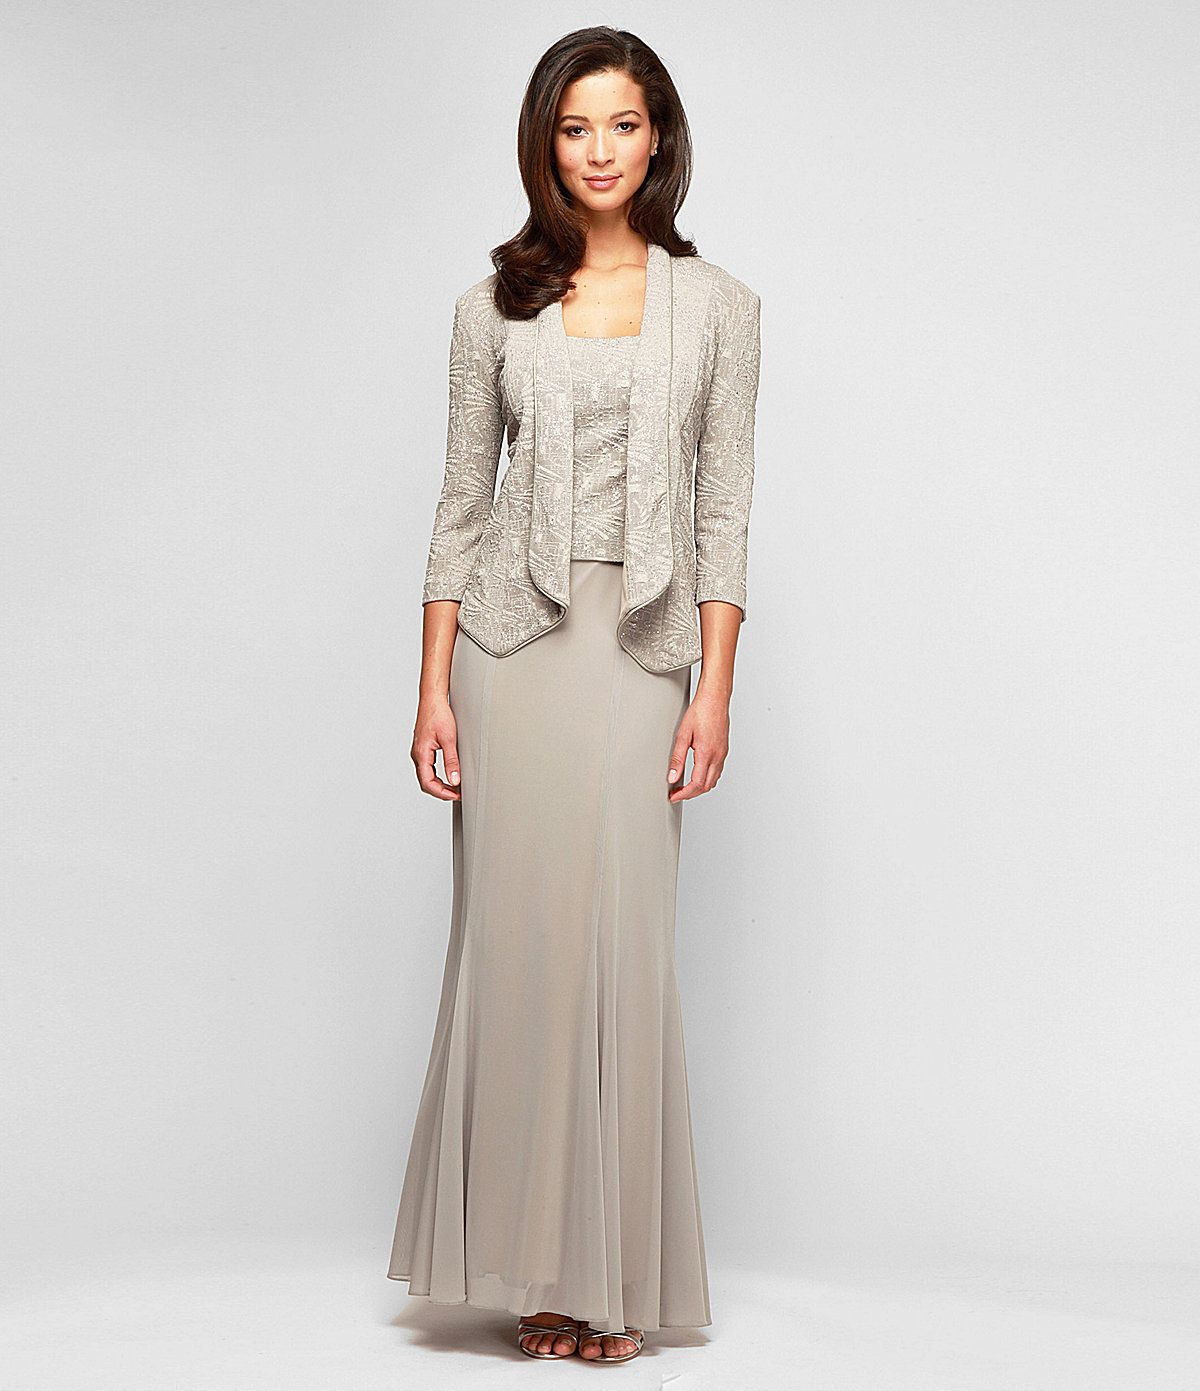 Asombroso Dillards Vestidos Para Bodas Patrón - Ideas de Vestidos de ...